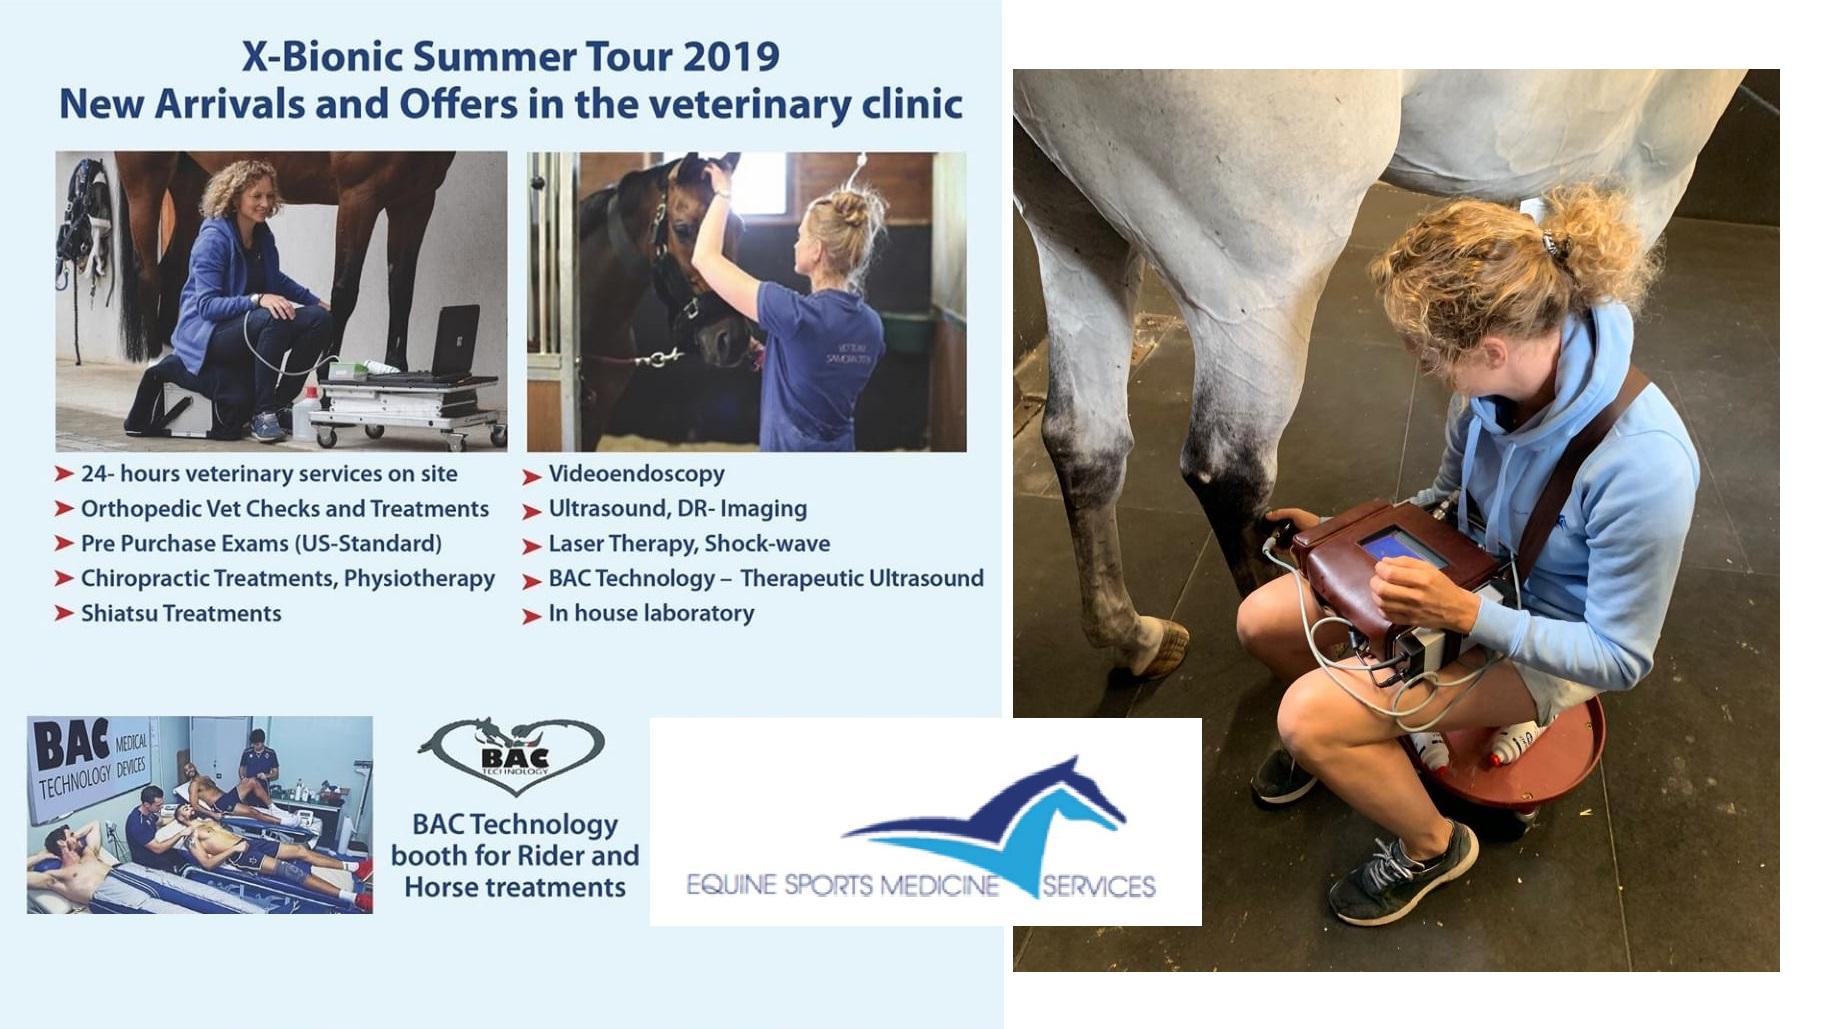 BAC Technology al CSI di Samorin - X Bionic Summer Tour 2019